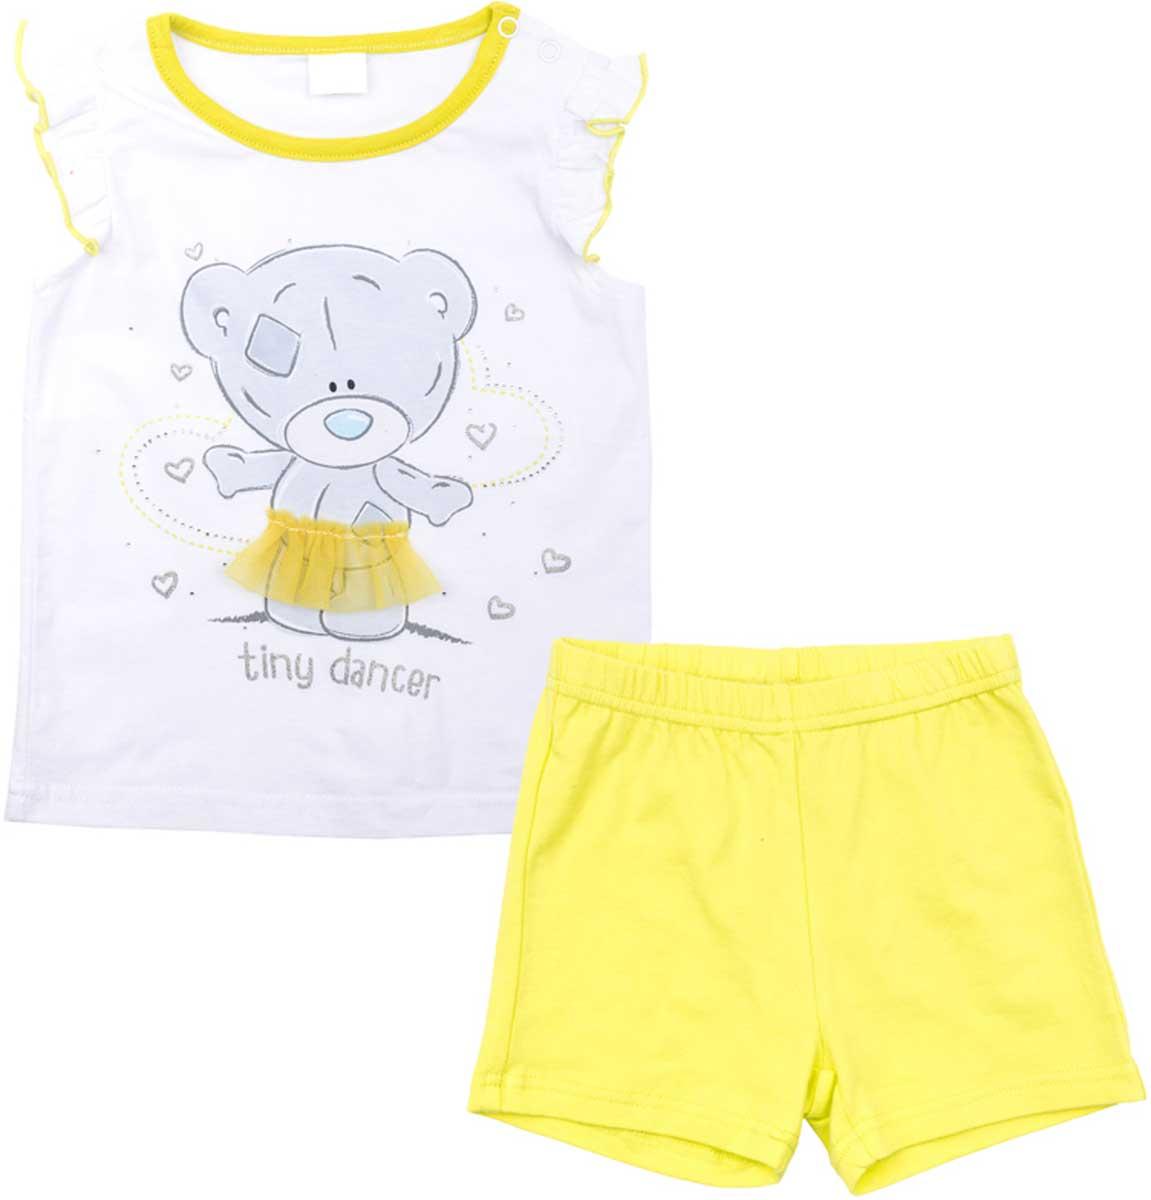 Комплект для девочки PlayToday: майка, шорты, цвет: белый, желтый. 678054. Размер 86678054Комплект PlayToday из майки и шорт прекрасно подойдет как для домашнего использования, так и для прогулок на свежем воздухе. Мягкий, приятный к телу материал не сковывает движений. Яркая аппликация является достойным украшением данного изделия. Шорты на мягкой удобной резинке с удобным регулируемым шнуром - кулиской. Рукава майки с легкими оборками, что создает эффект крылышек.